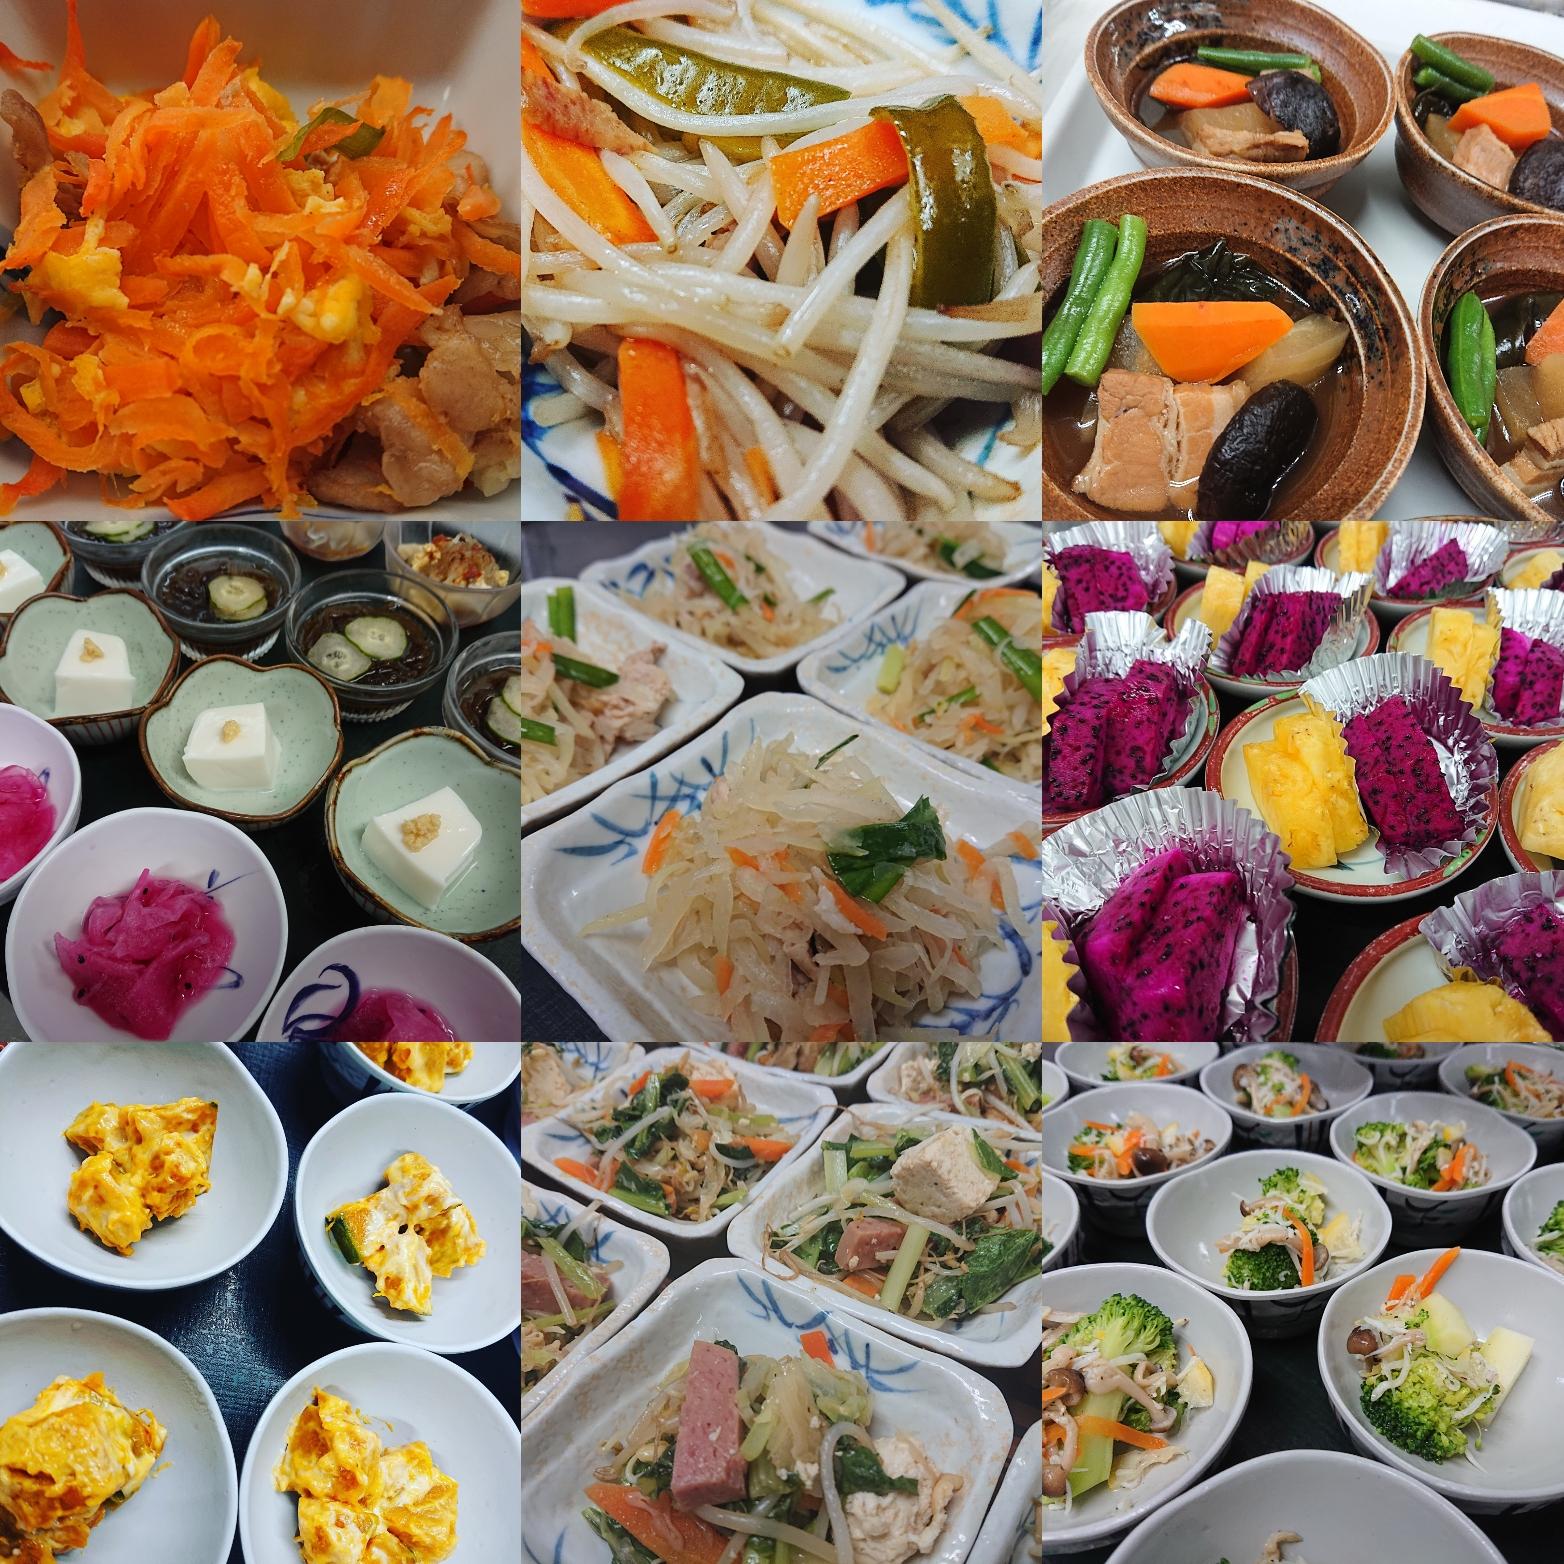 ホテルサンパレス球陽館の朝食メニューエンゲージメントTOP5 2020年夏 沖縄料理